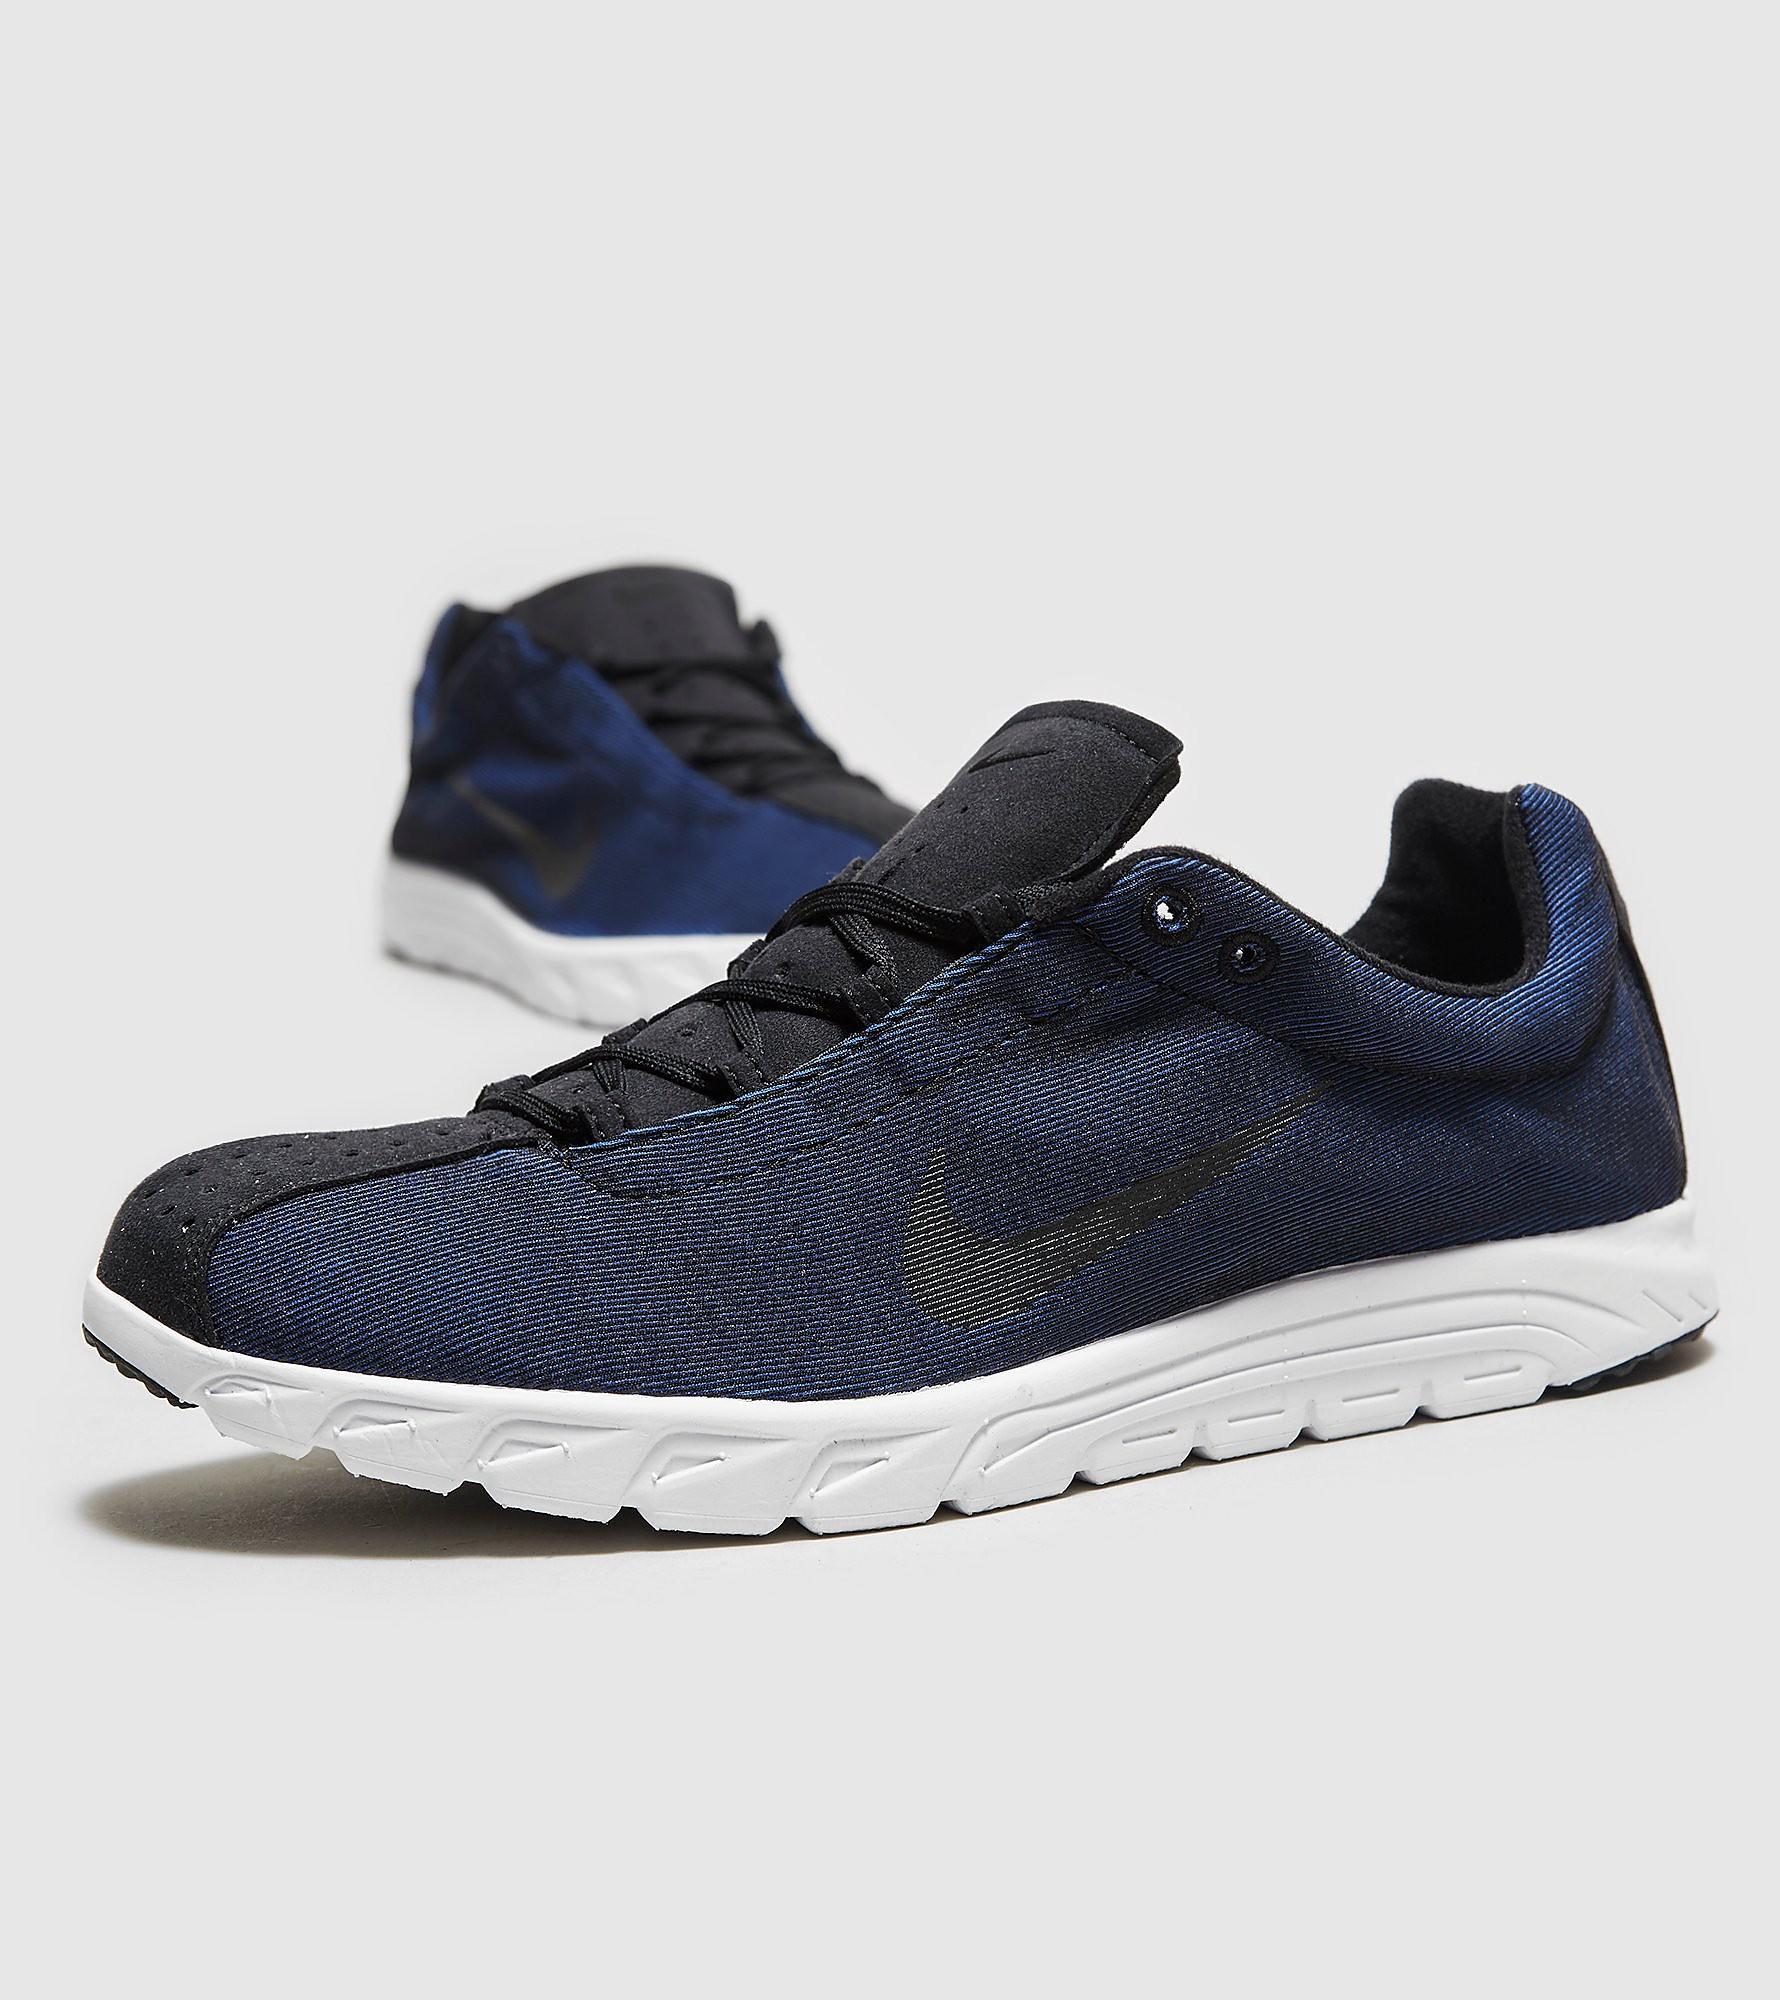 Nike Mayfly Premium - European Exclusive